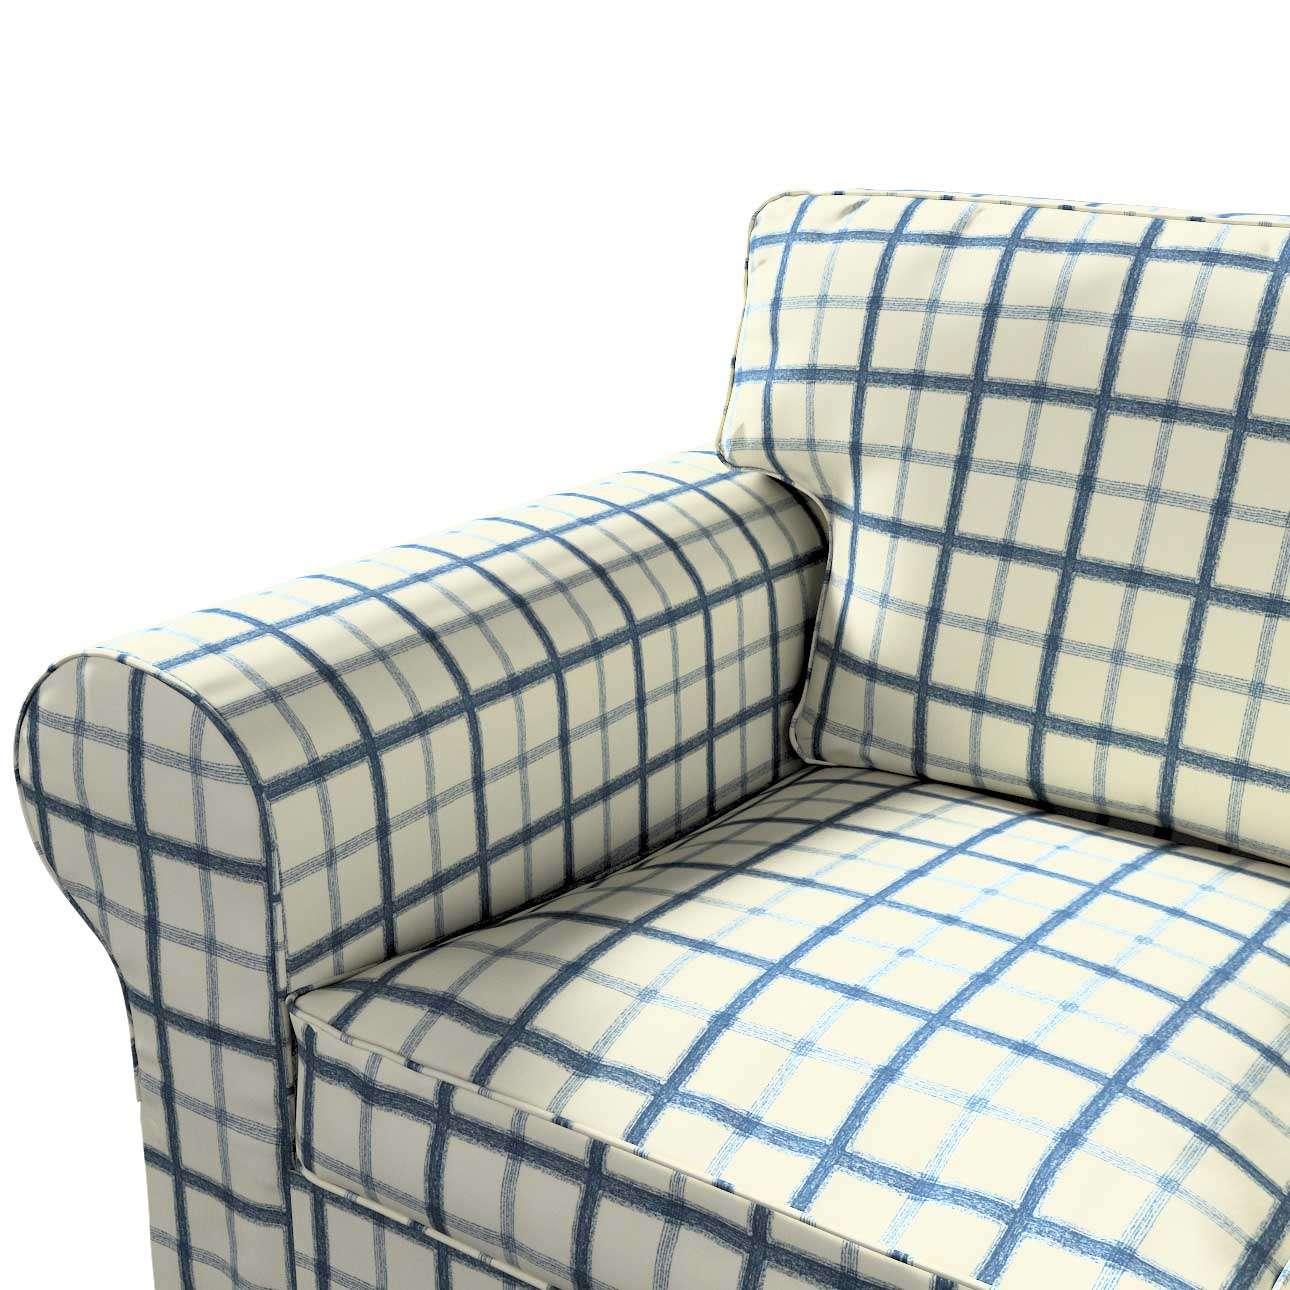 Ektorp 3-Sitzer Schlafsofabezug, ALTES Modell Sofahusse Ektorp 3-Sitzer Schlafsofa von der Kollektion Avinon, Stoff: 131-66